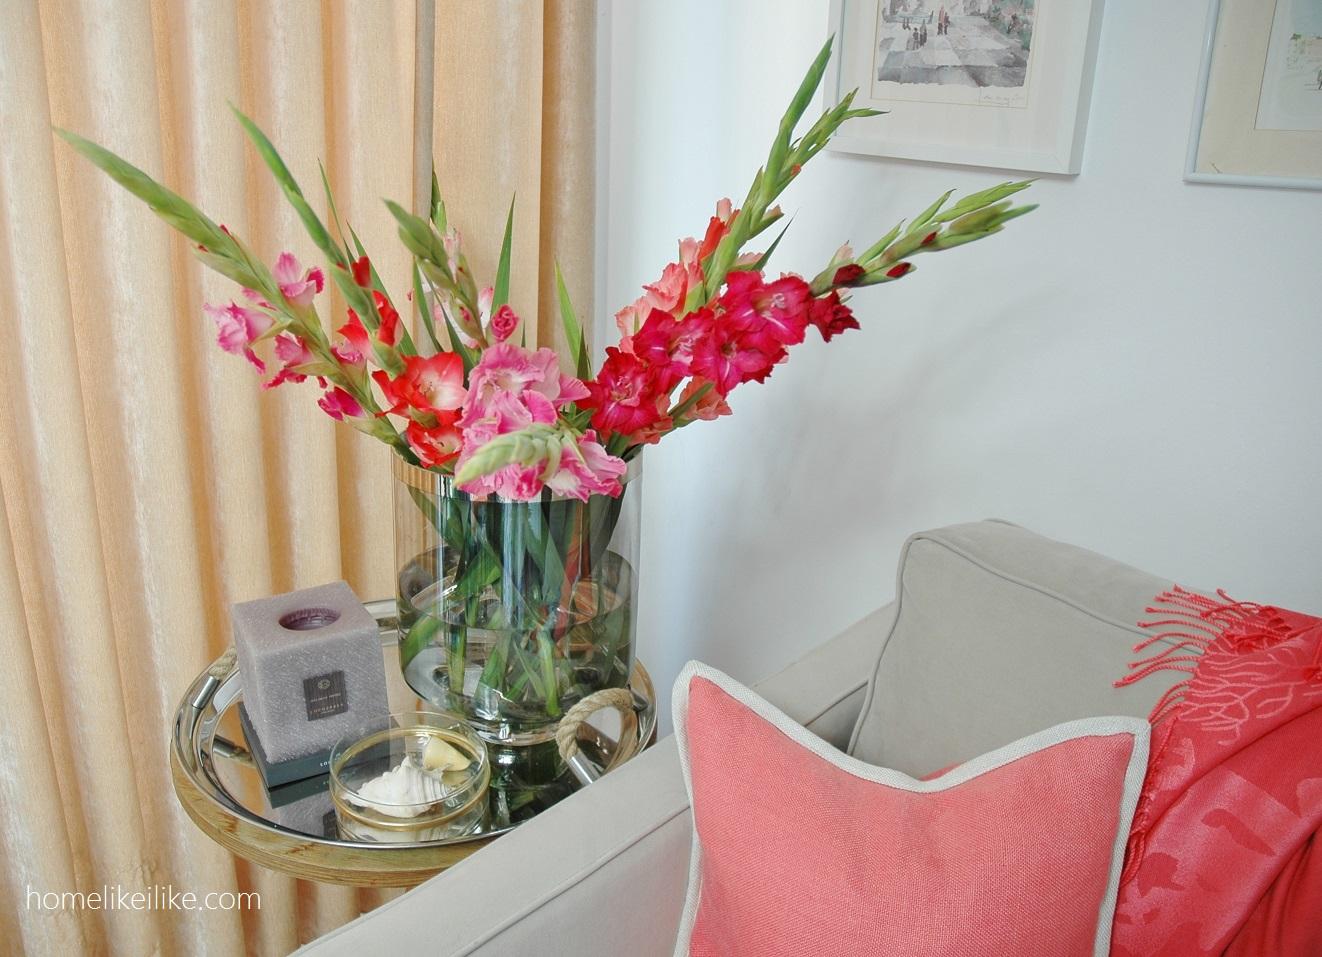 moc koloru coral power - homelikeilike.com